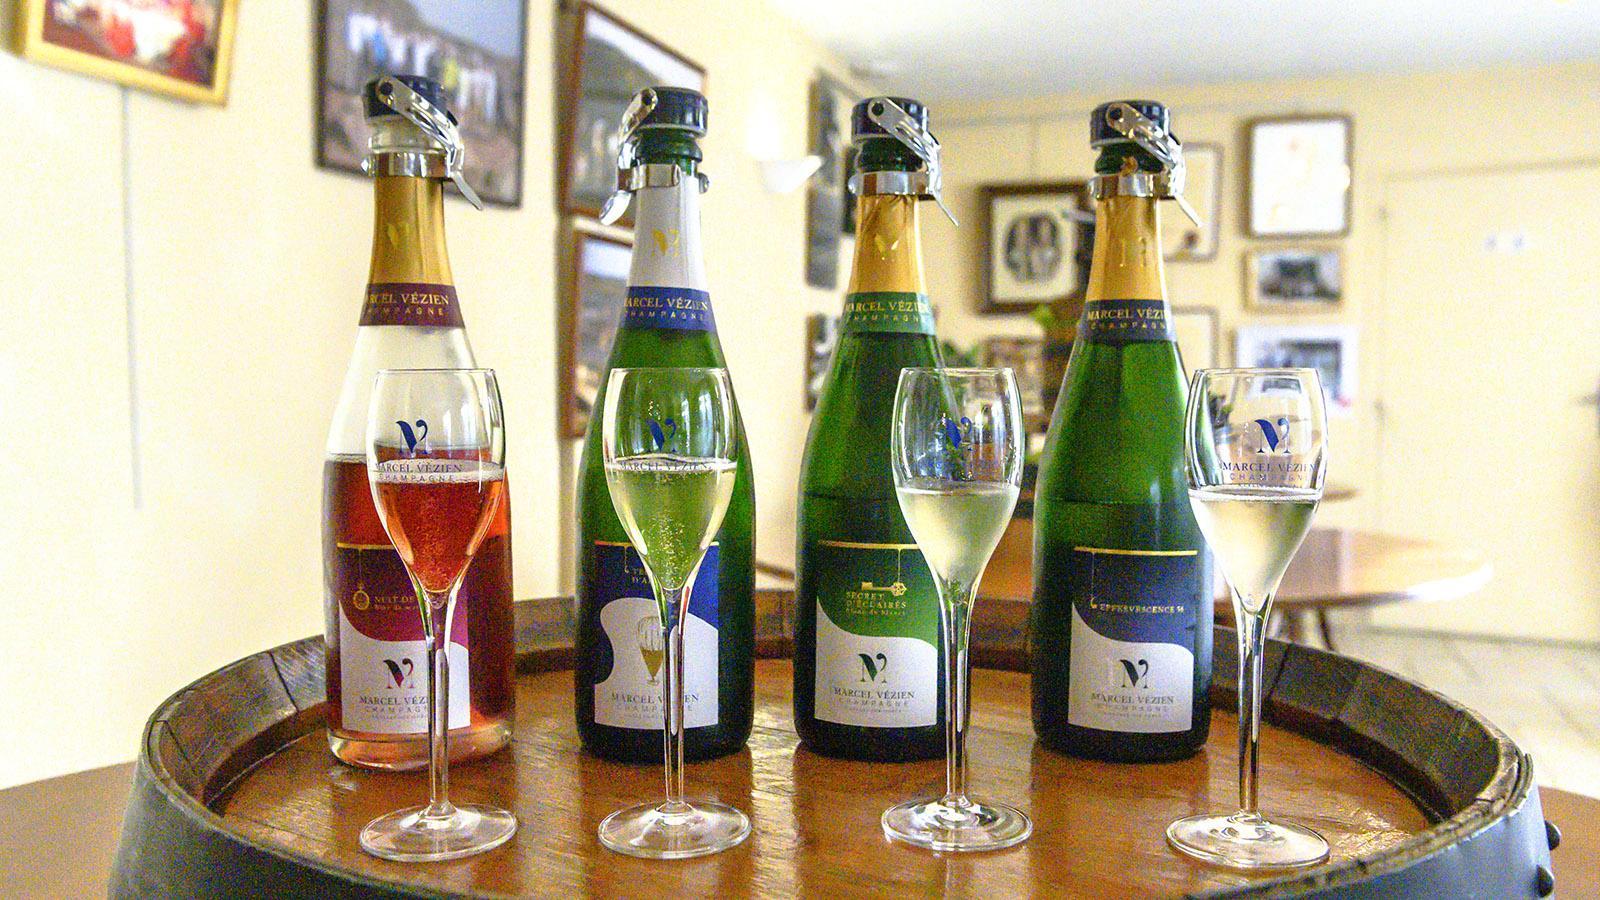 Côte des Bars: Champagner von Marcel Vézien. Foto: Hilke Maunder